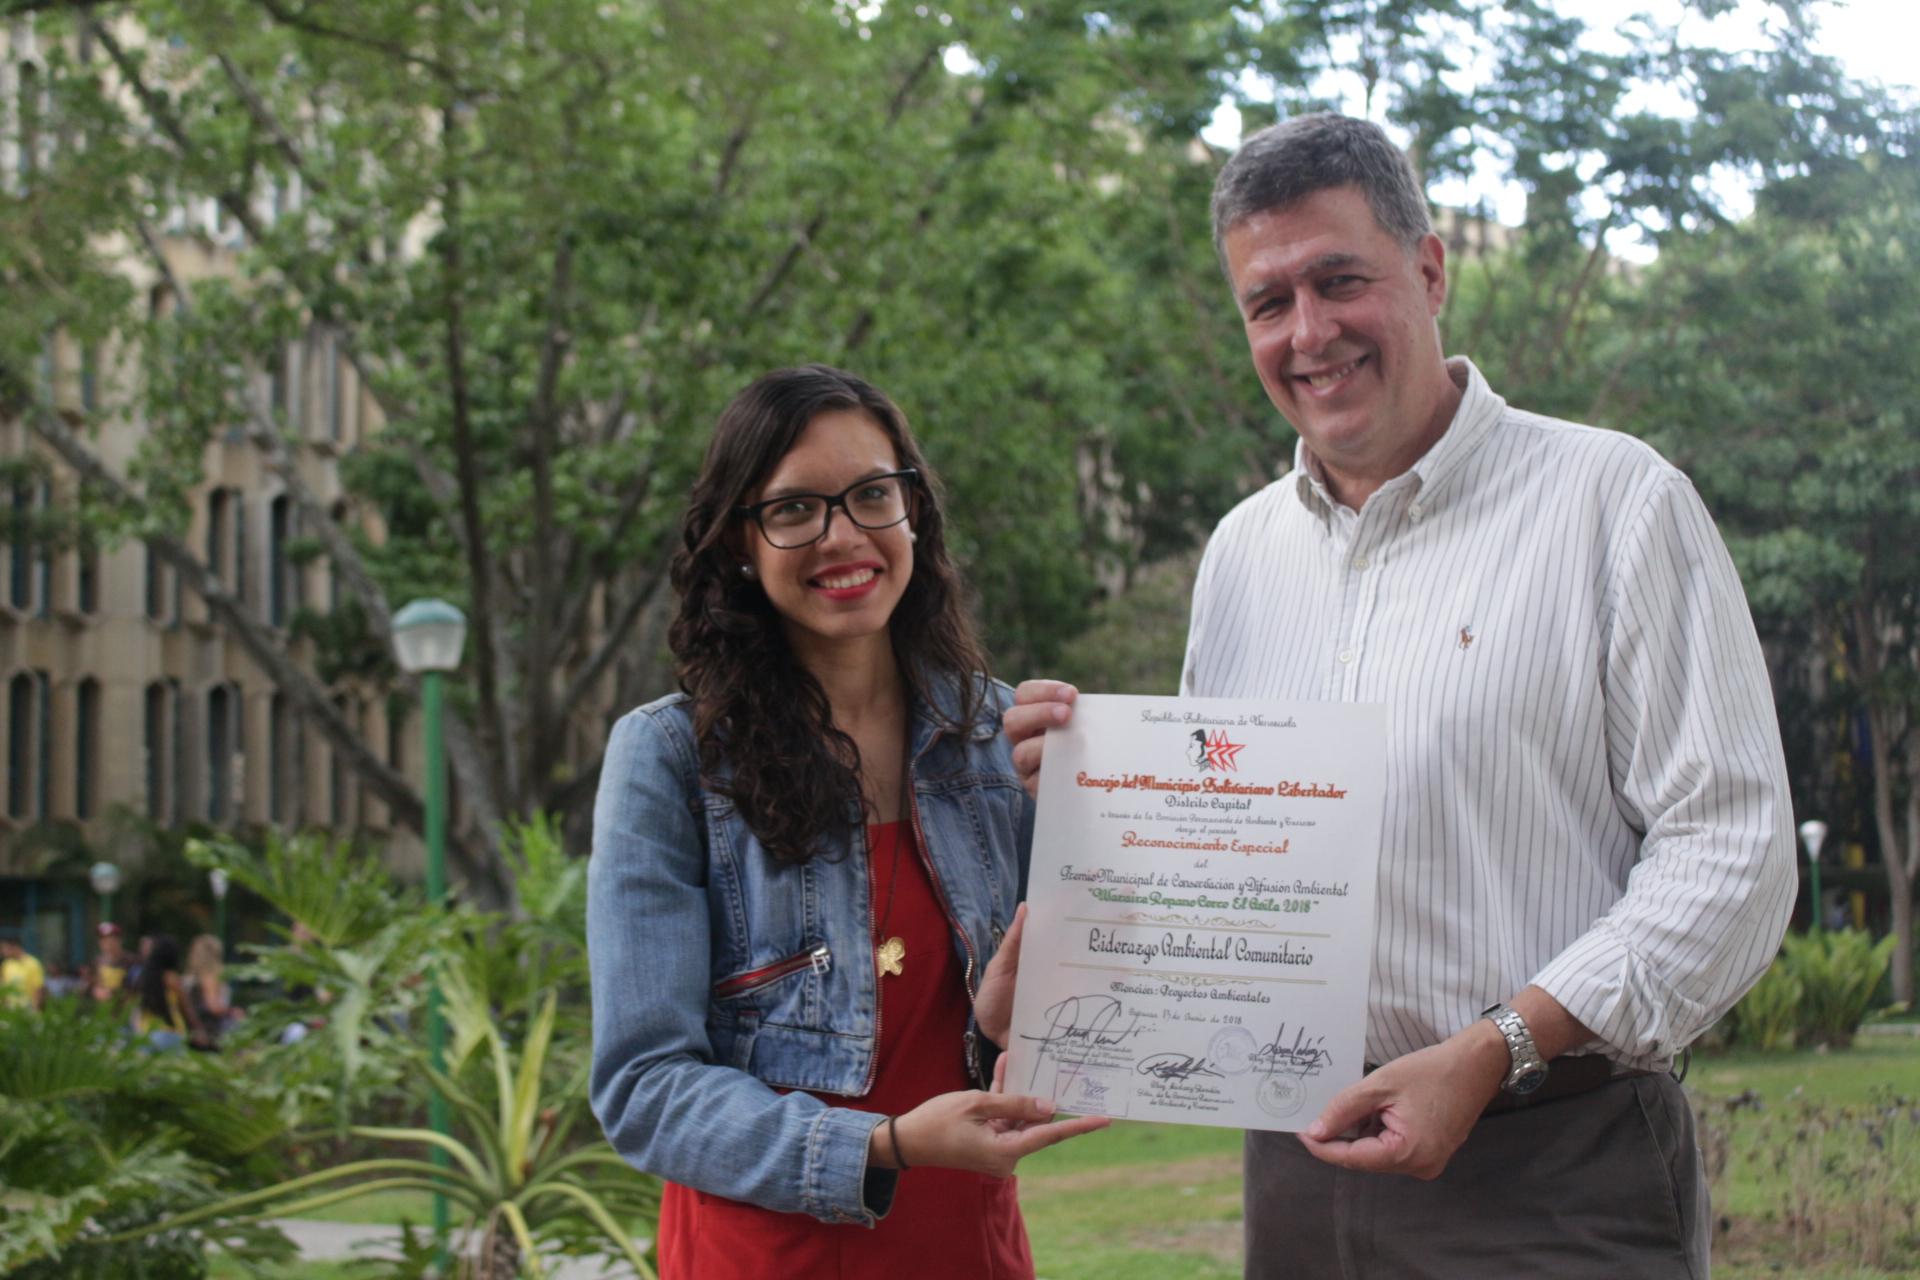 Dirección de Sustentabilidad Ambiental recibió reconocimiento por su trabajo educativo